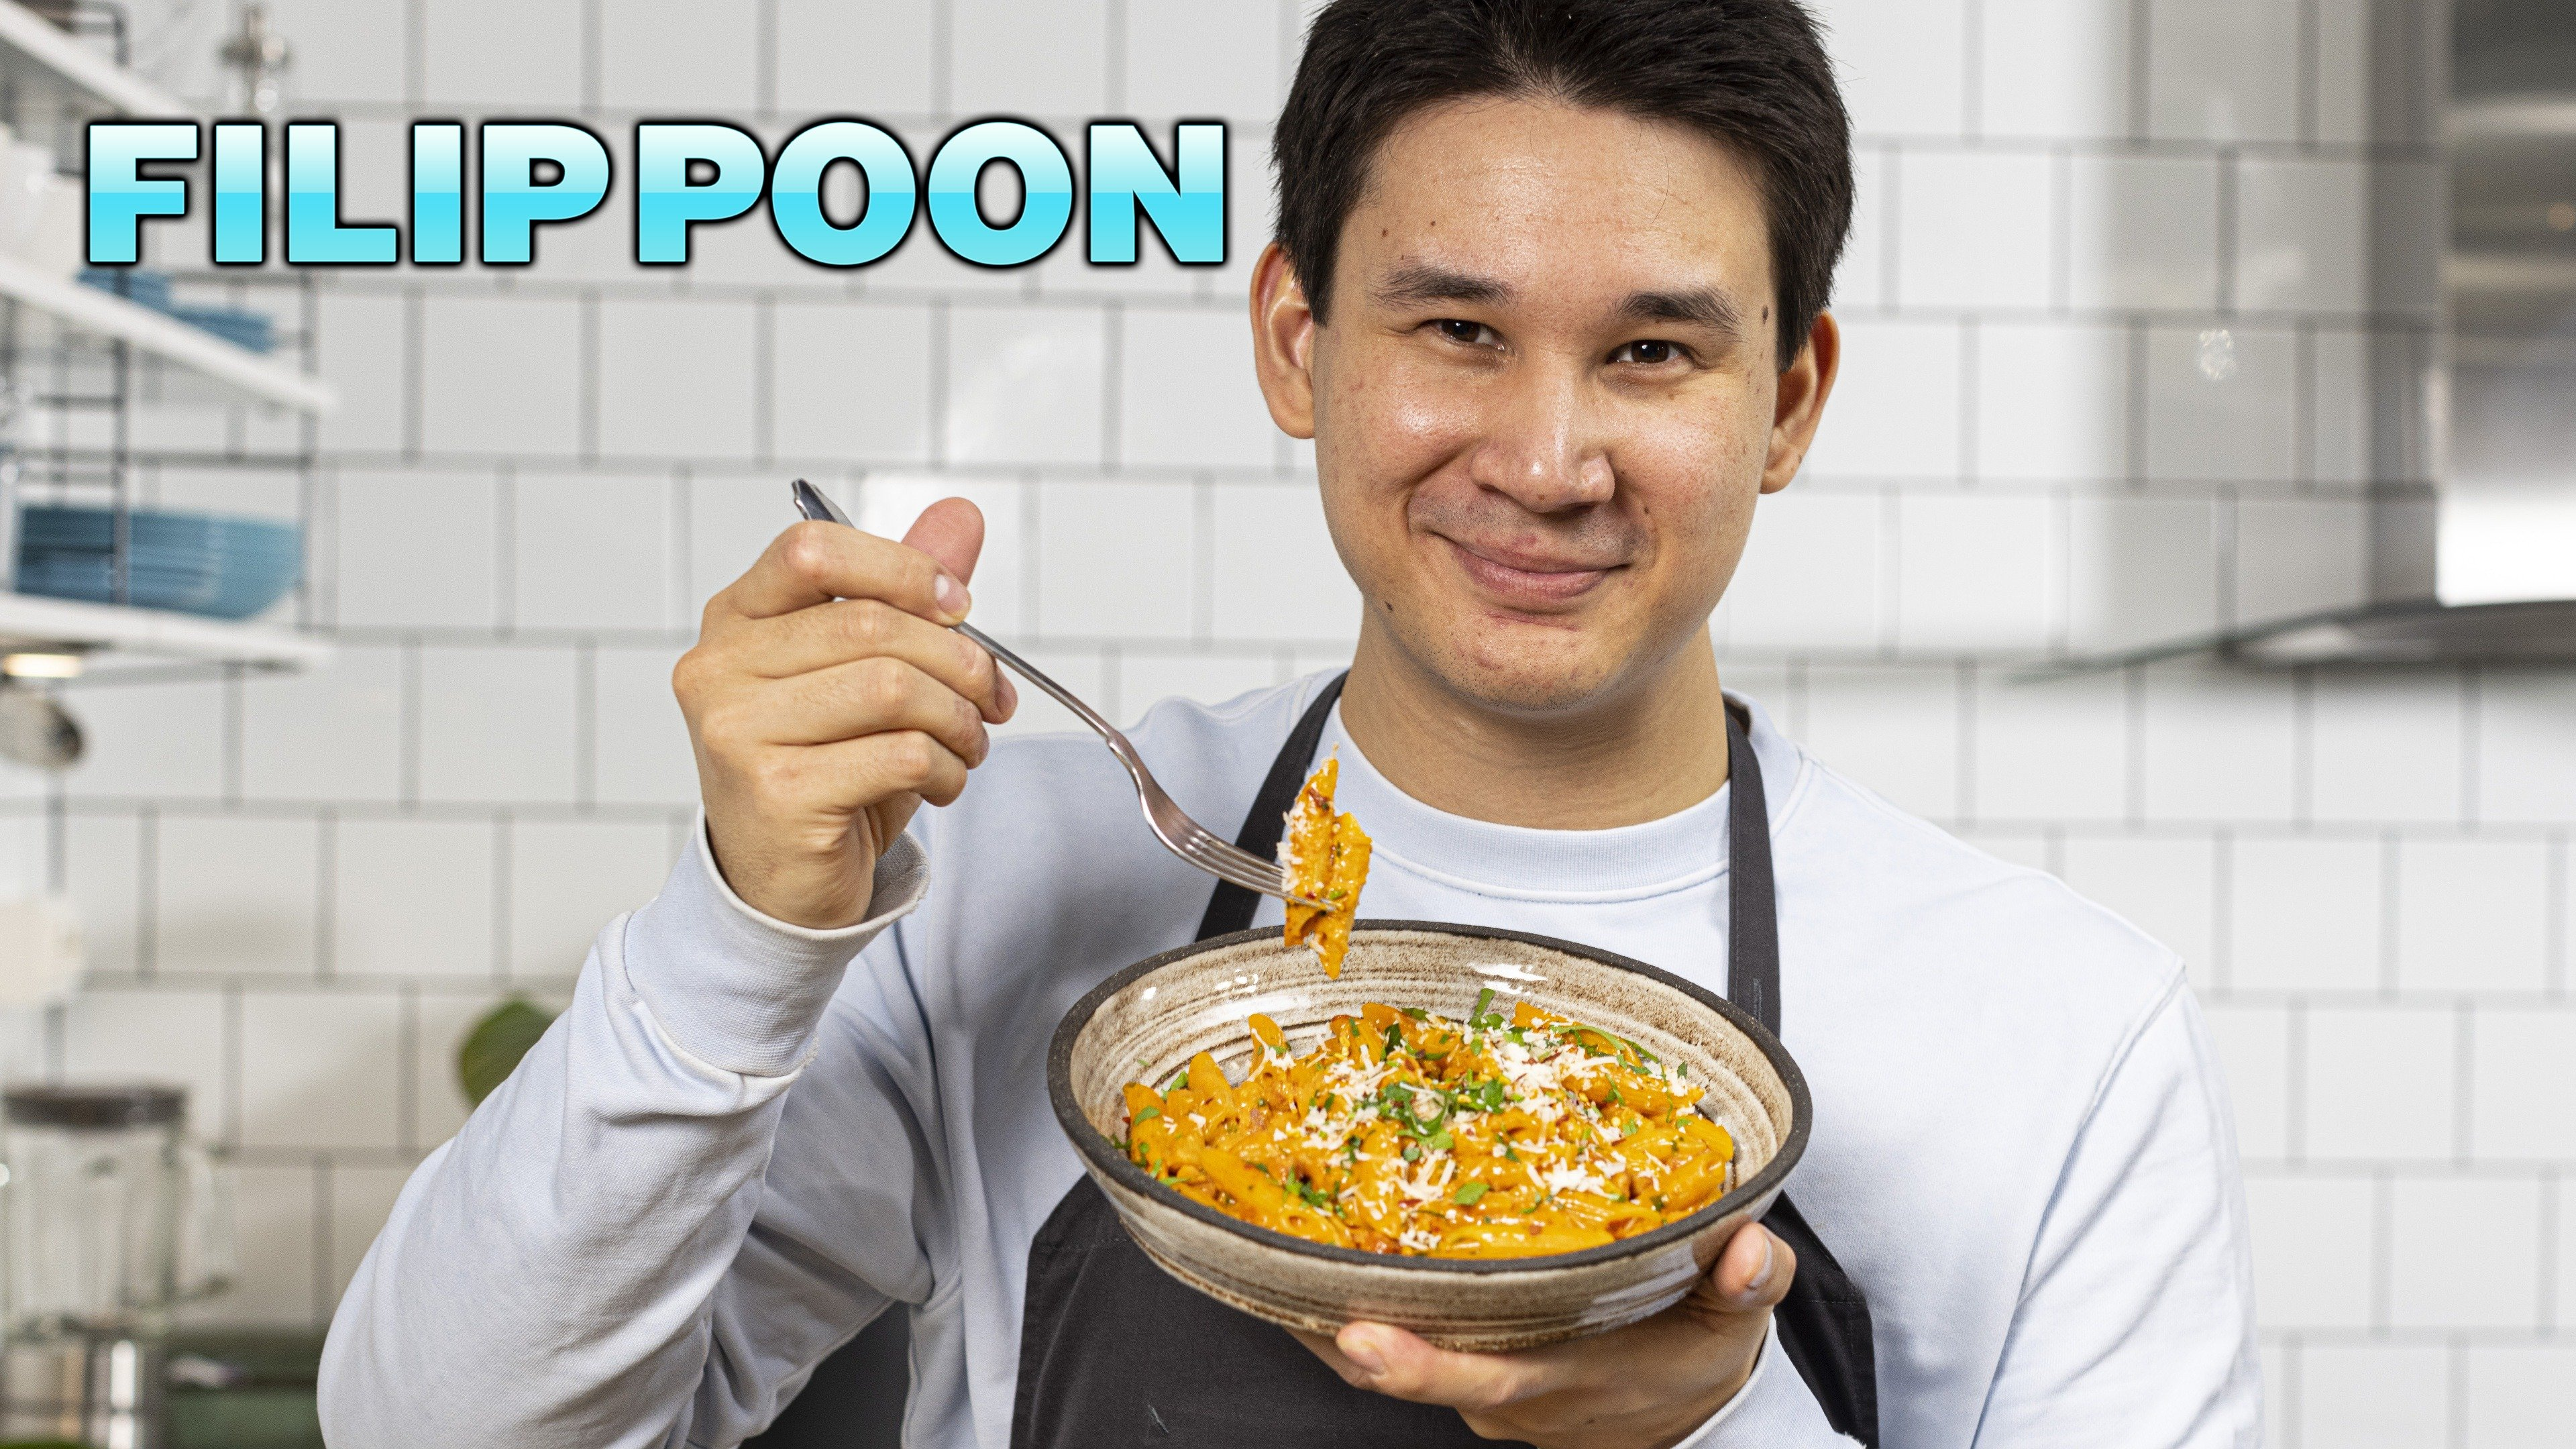 Filip Poon